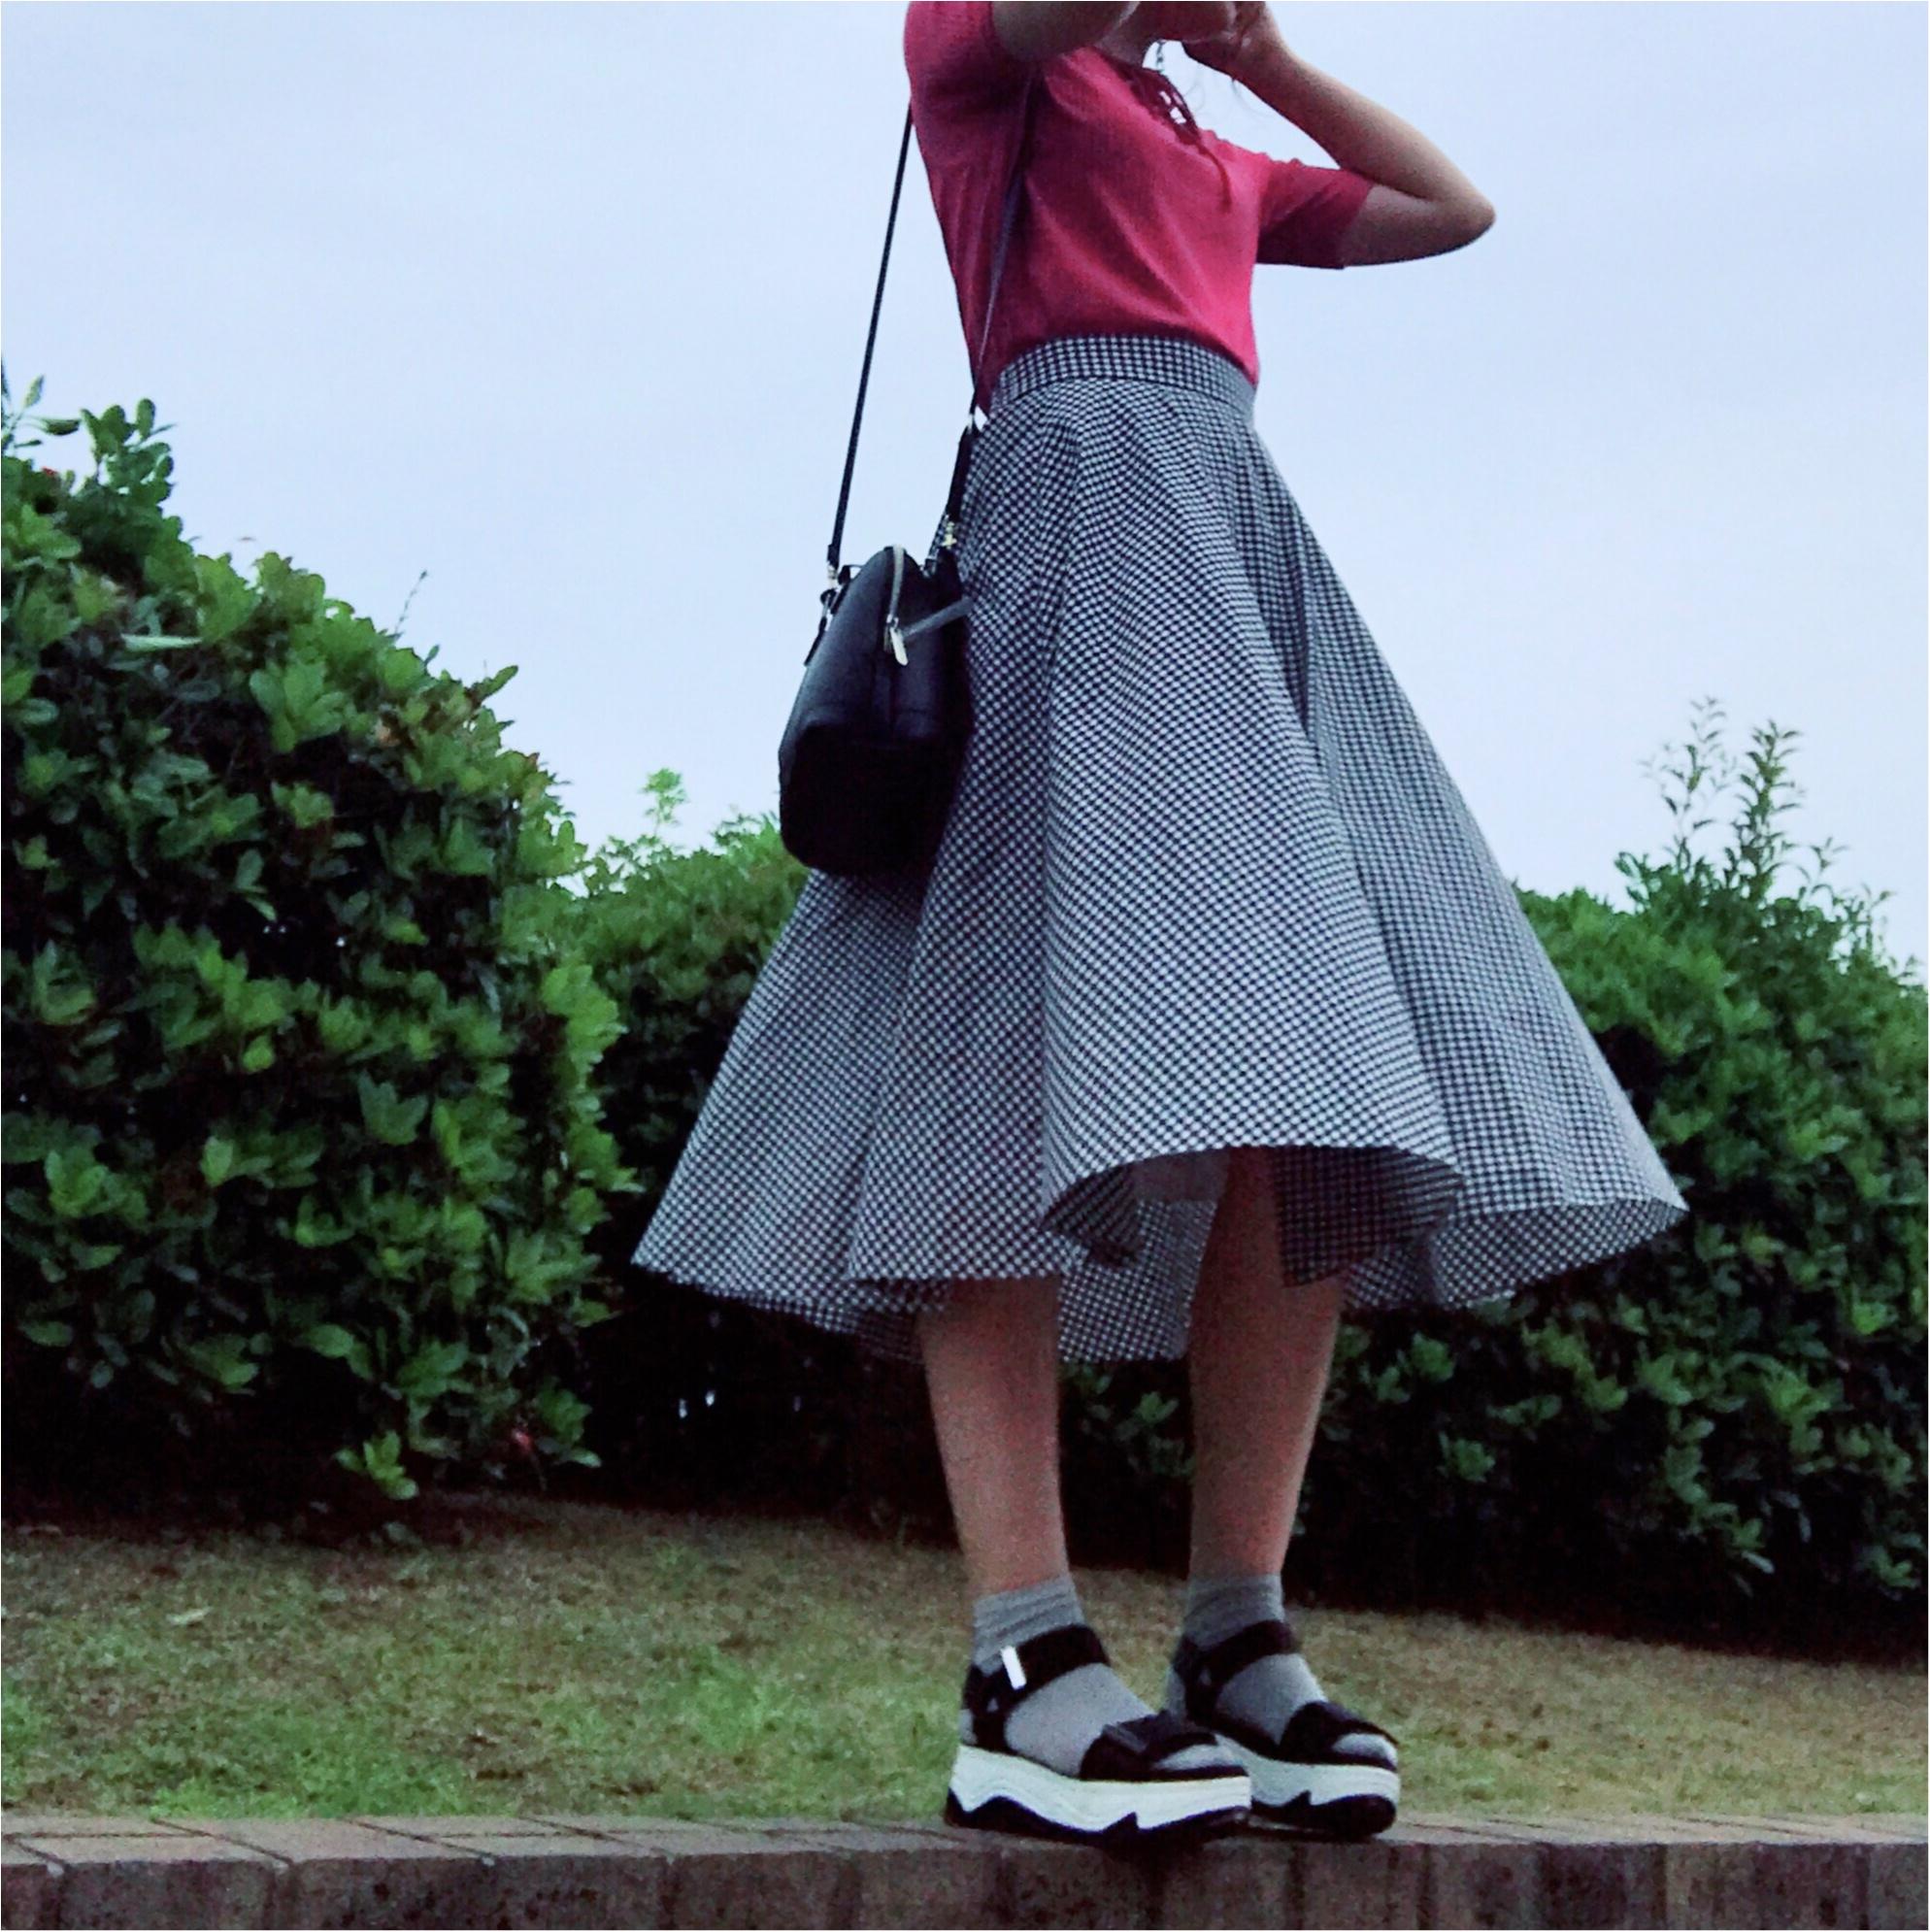 【ZARA】買ってよかった高コスパ靴!売切れ必須#ヴェッジソールサンダルが優秀すぎ♡_11